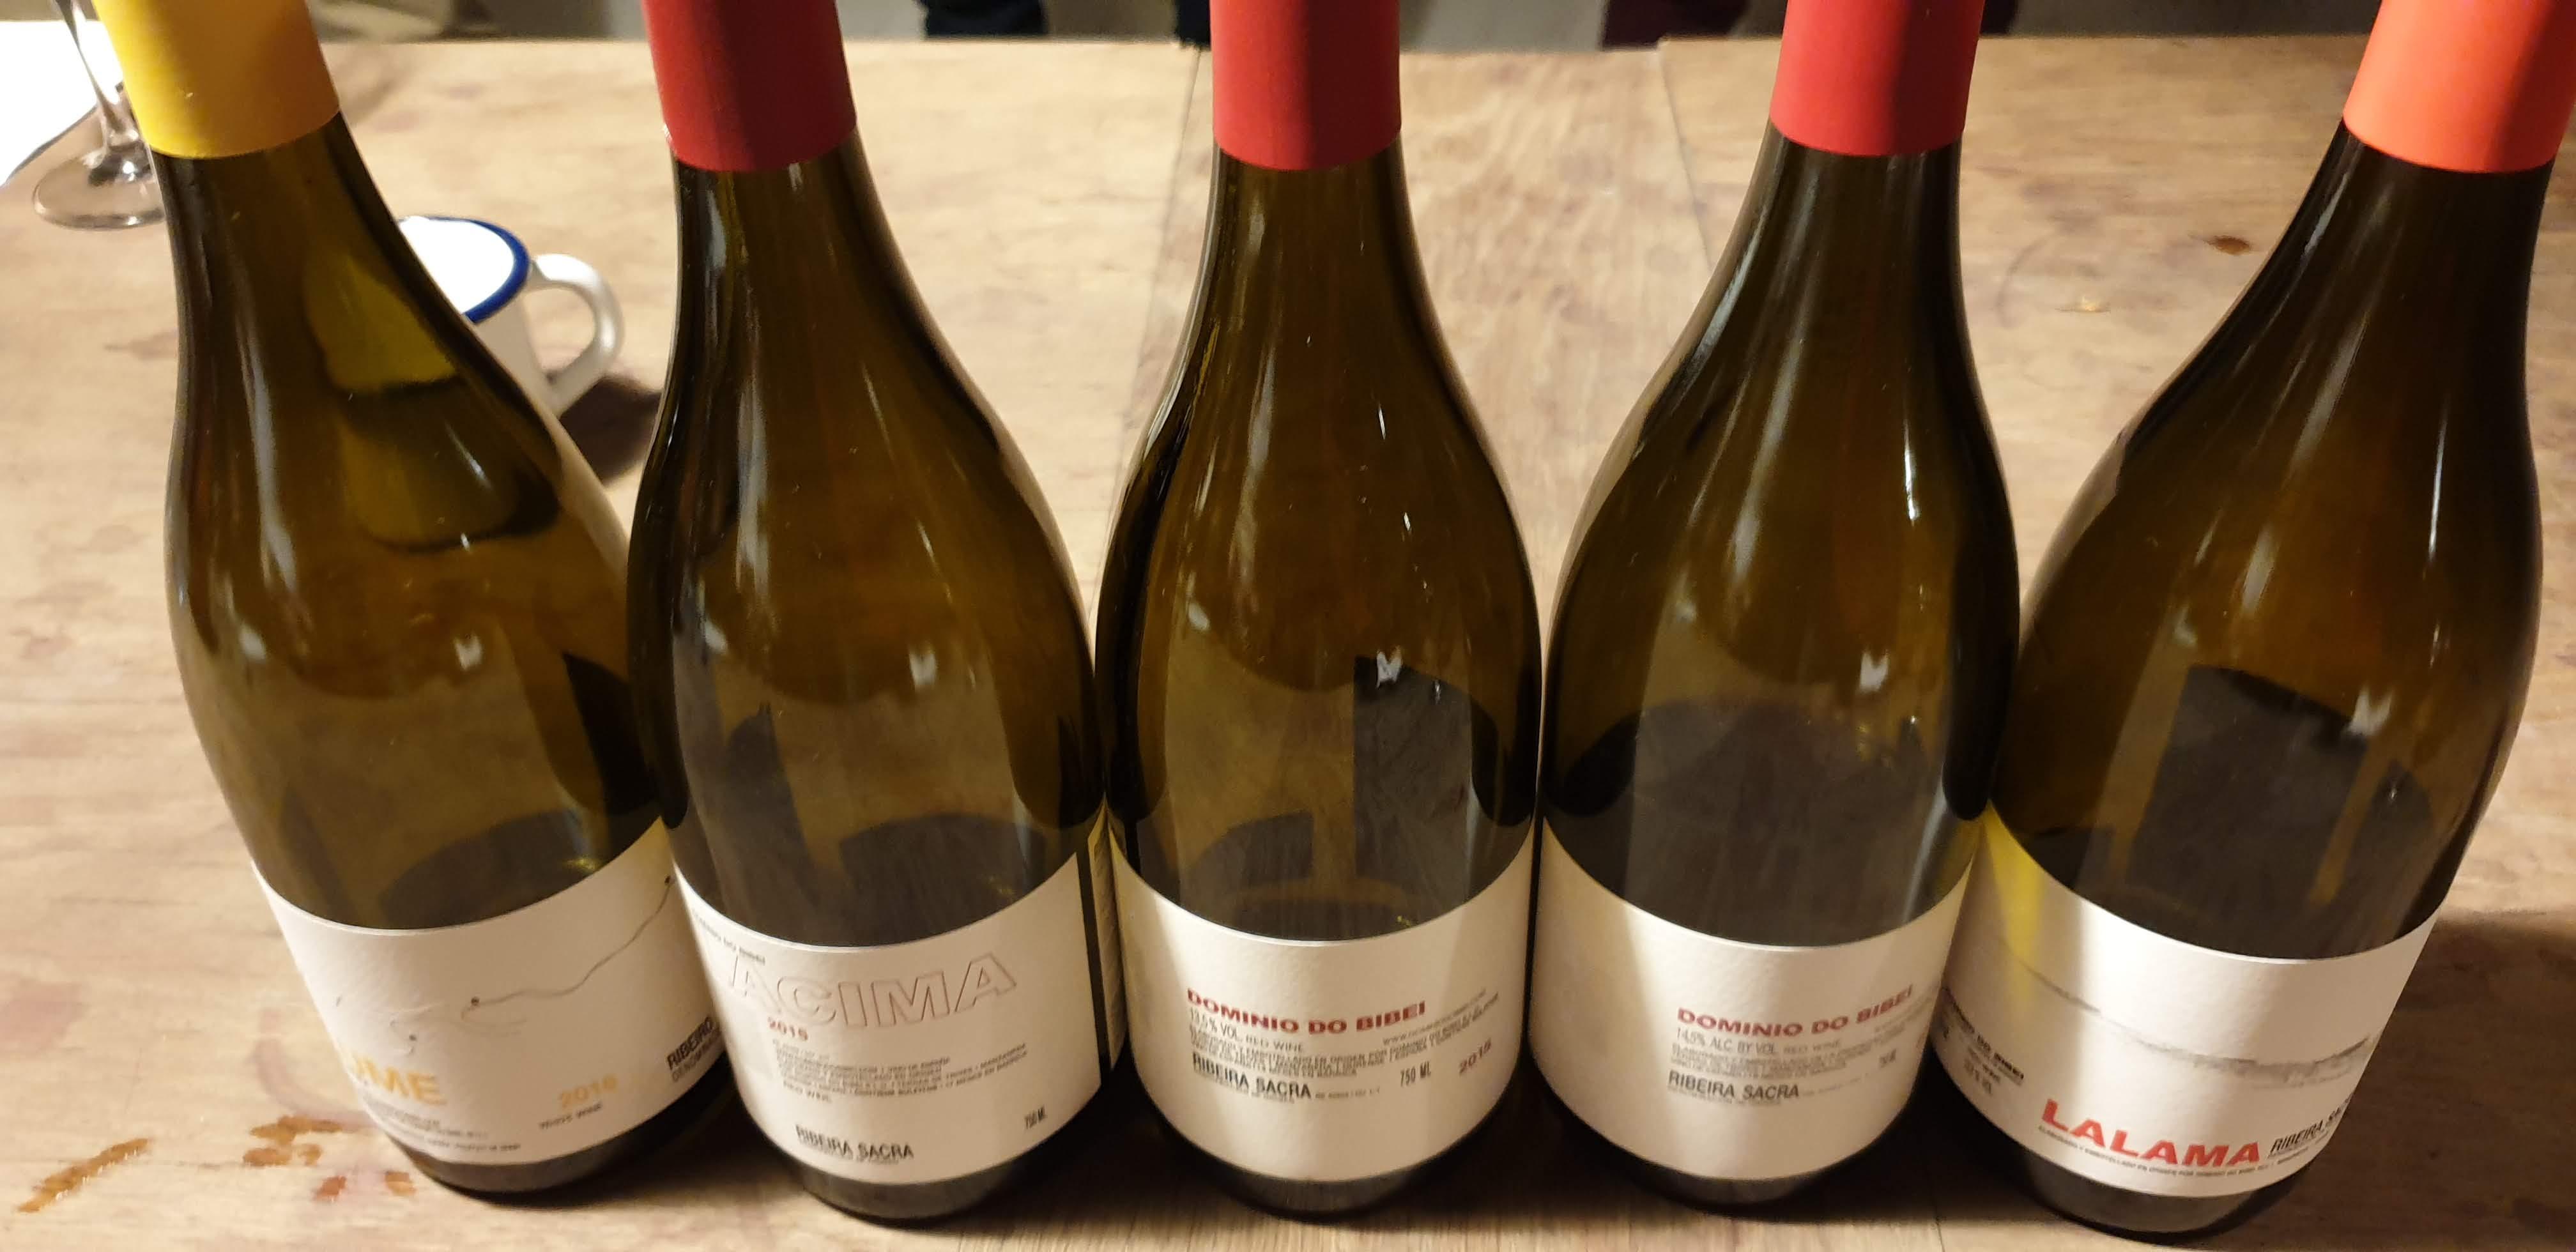 ruta IMF descubre la calidad y singularidad en los vinos de Dominio do Bibei